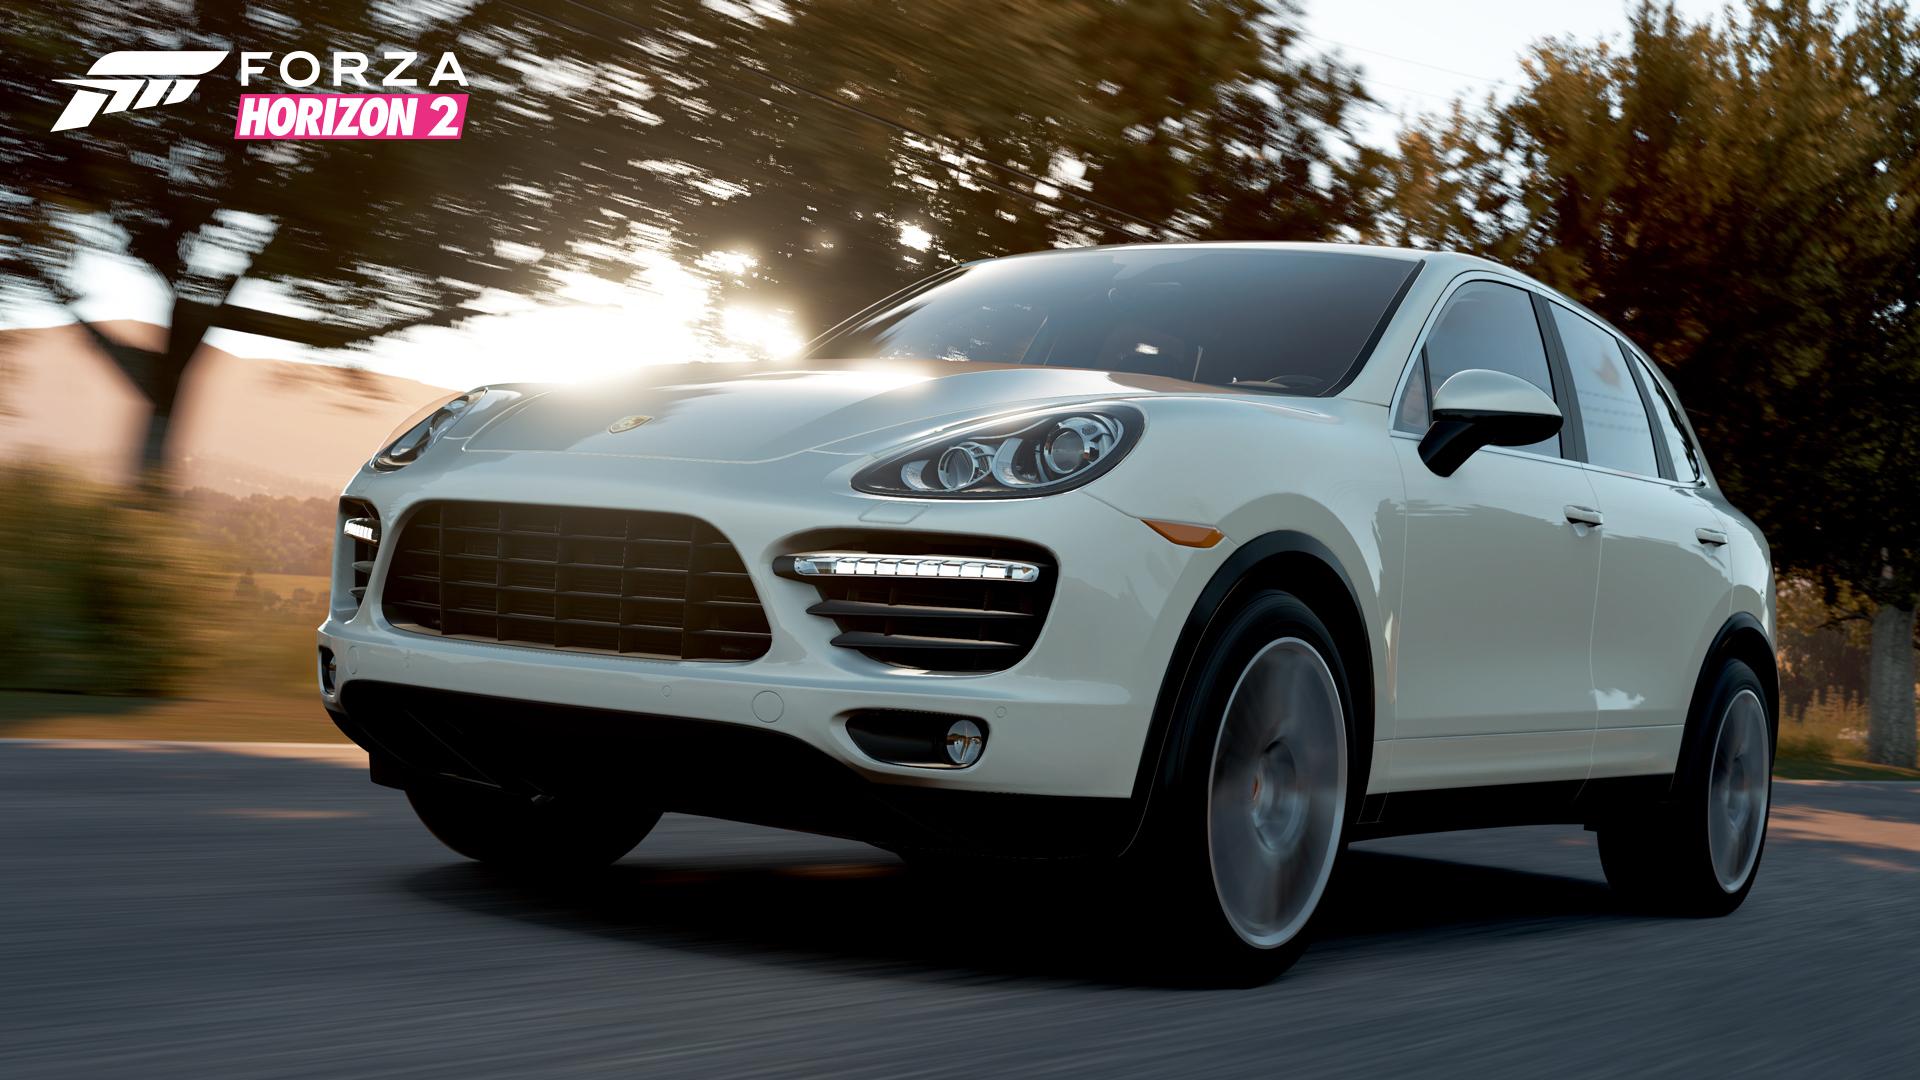 Experimente o verdadeiro poder da Porsche com dois carros grátis para Forza Horizon ...